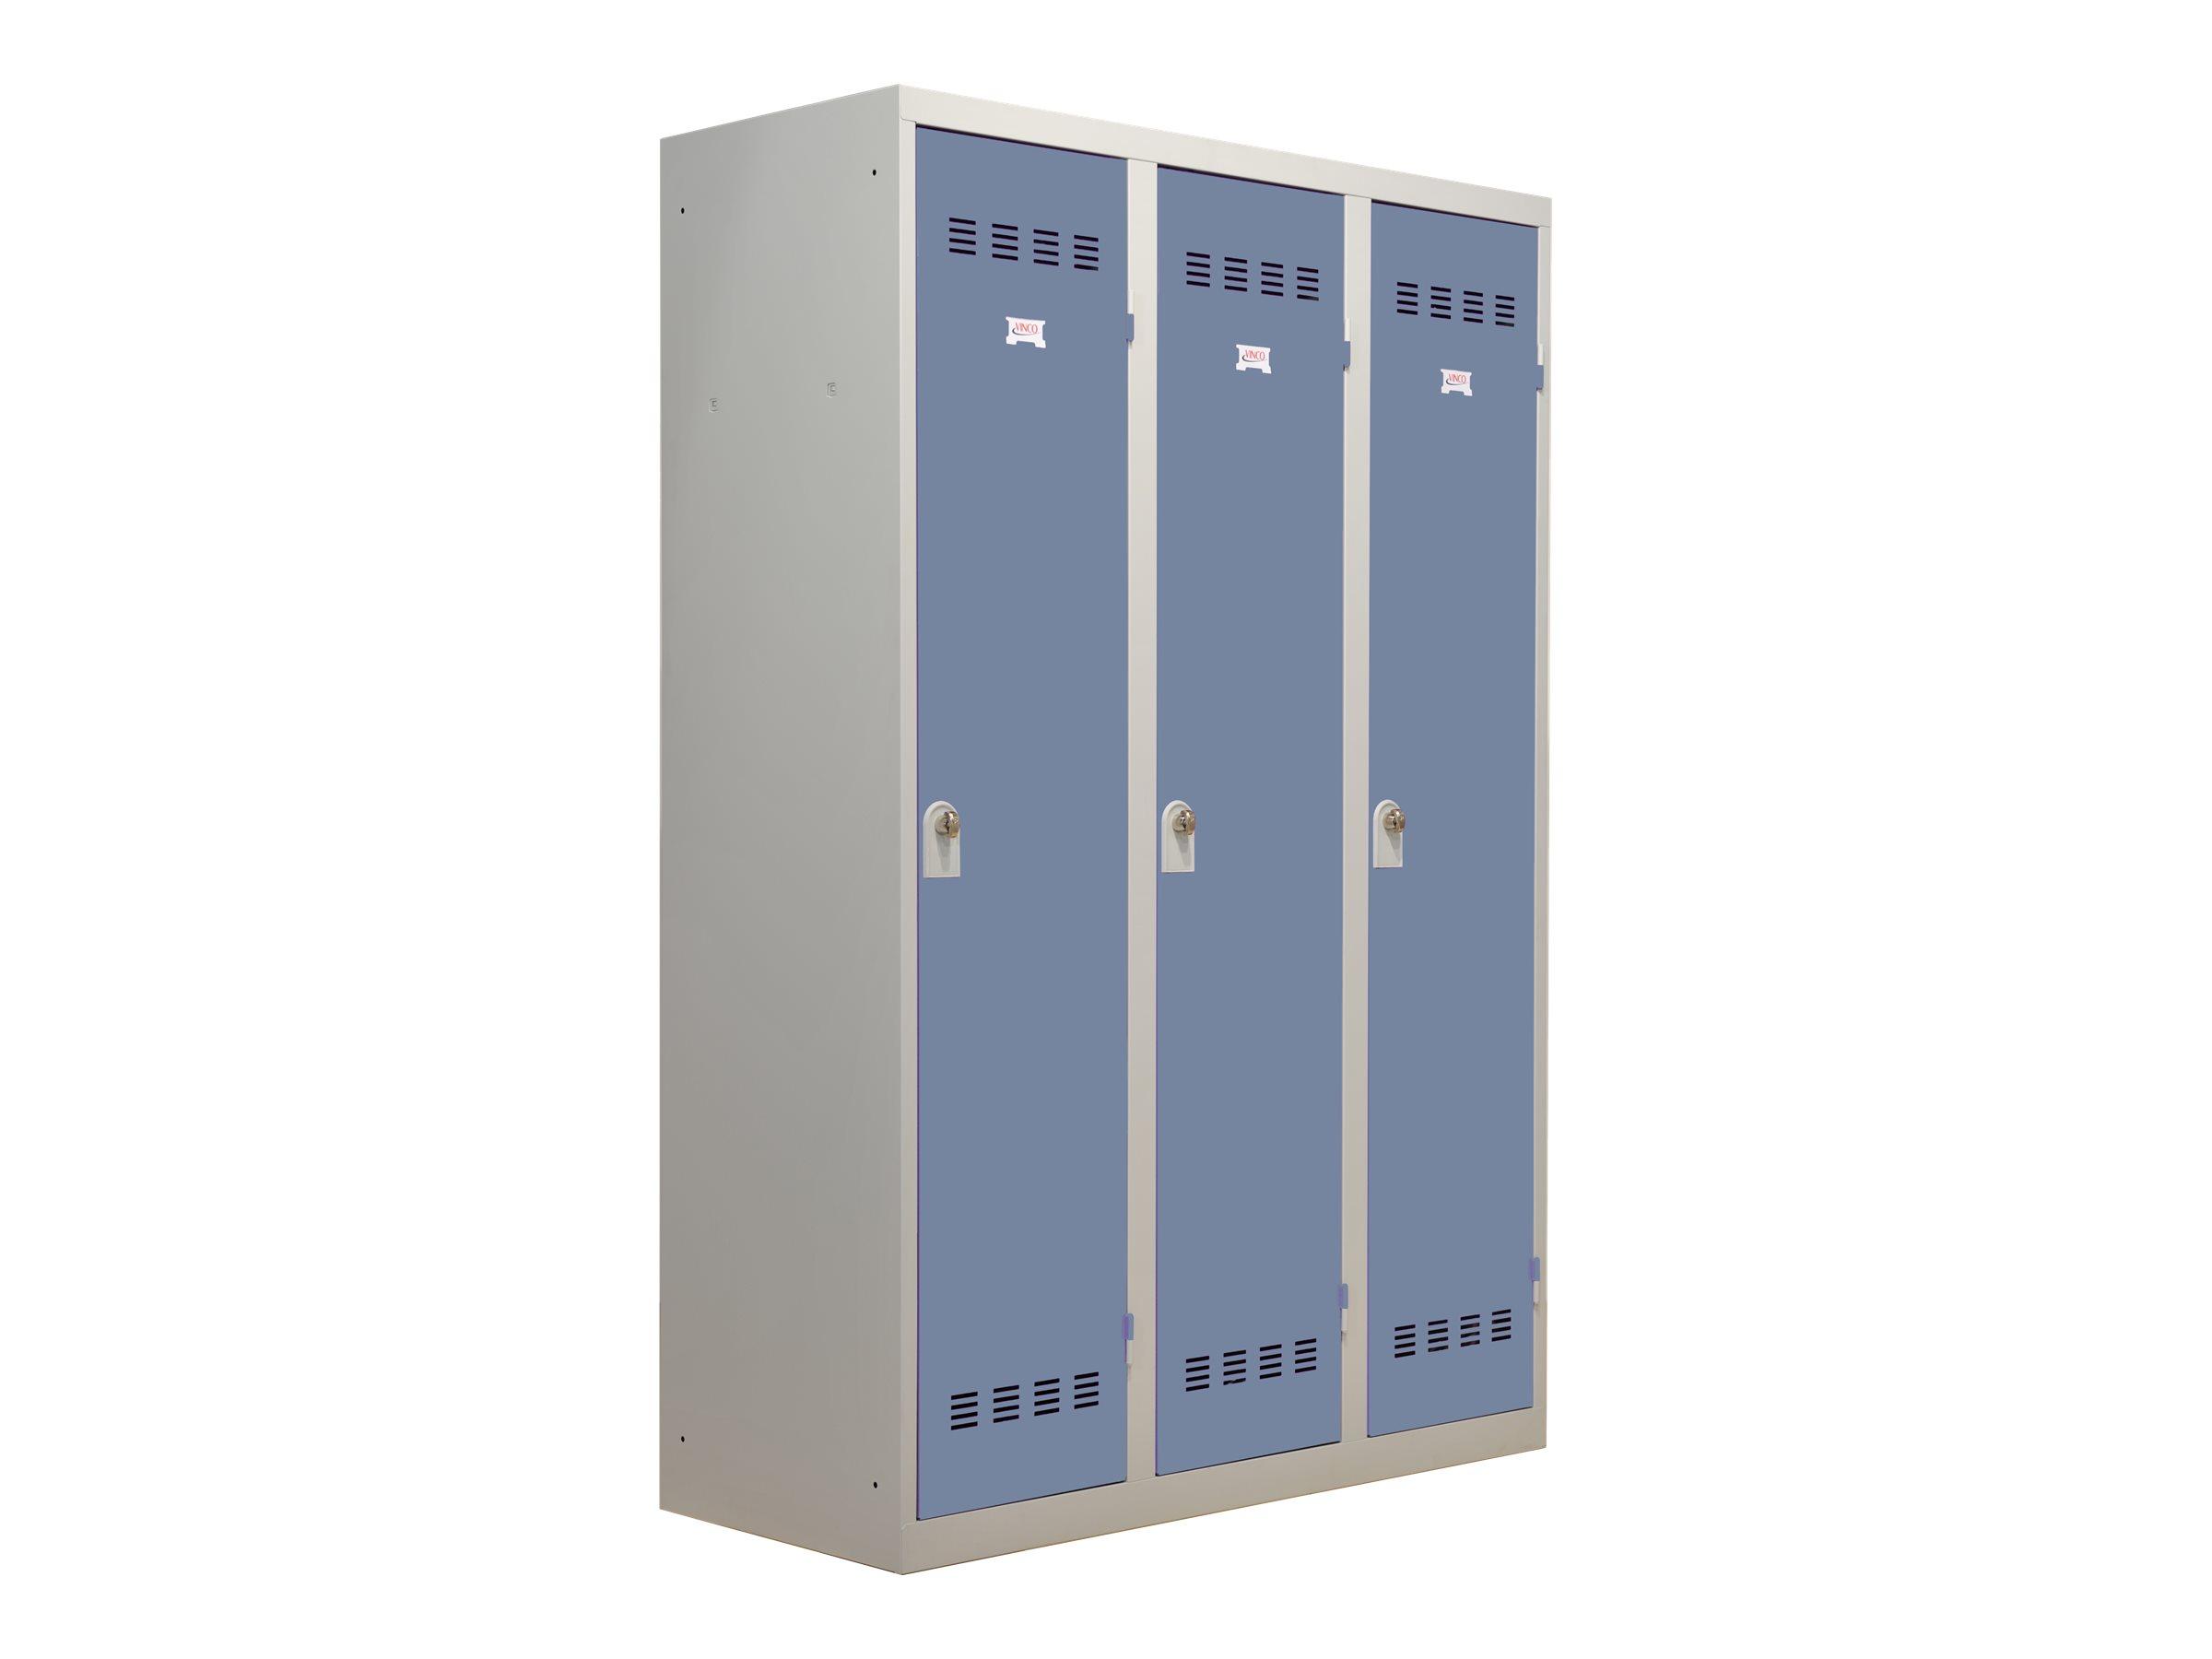 Vestiaire Industrie Salissante - 3 portes - 180 x 120 x 50 cm - gris/beu